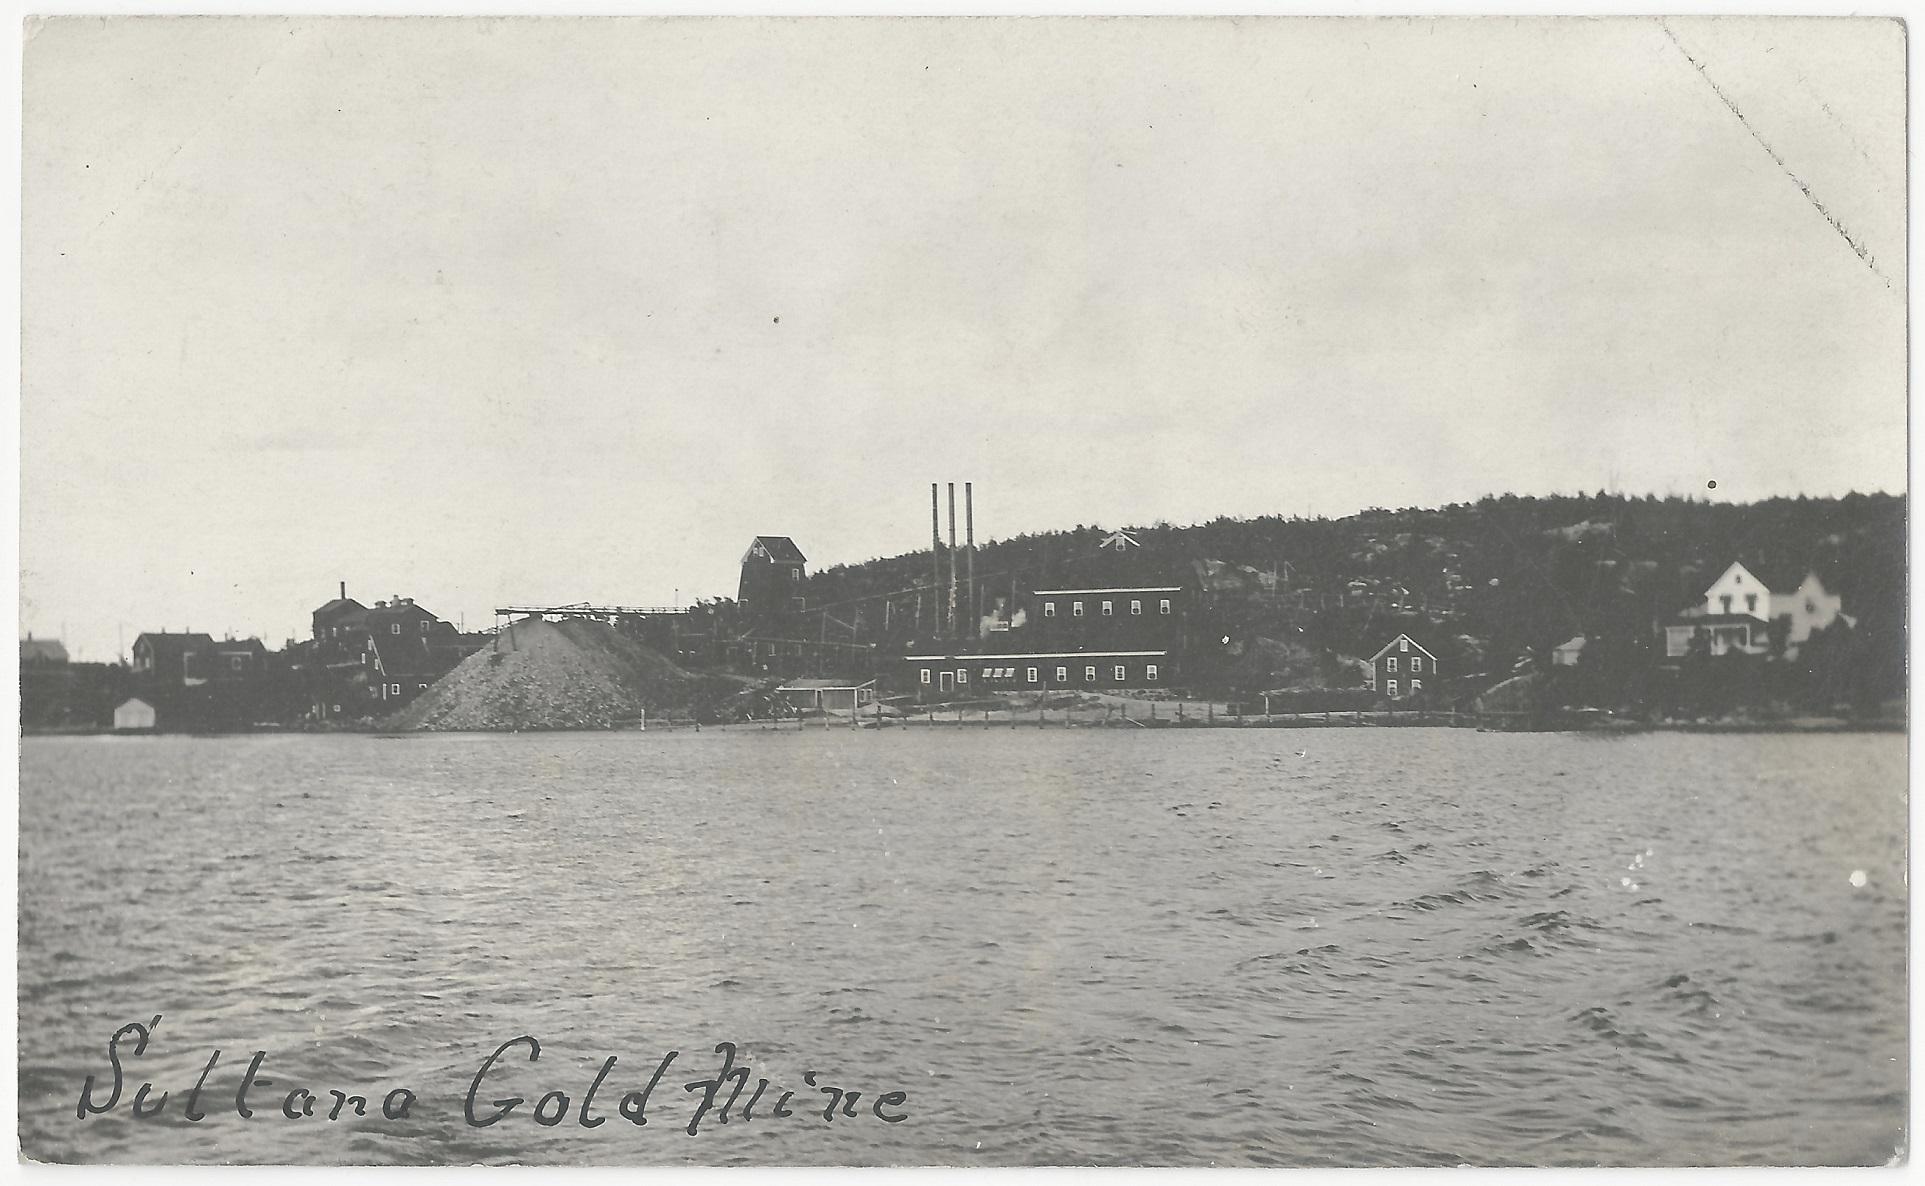 Sultana Gold Mine